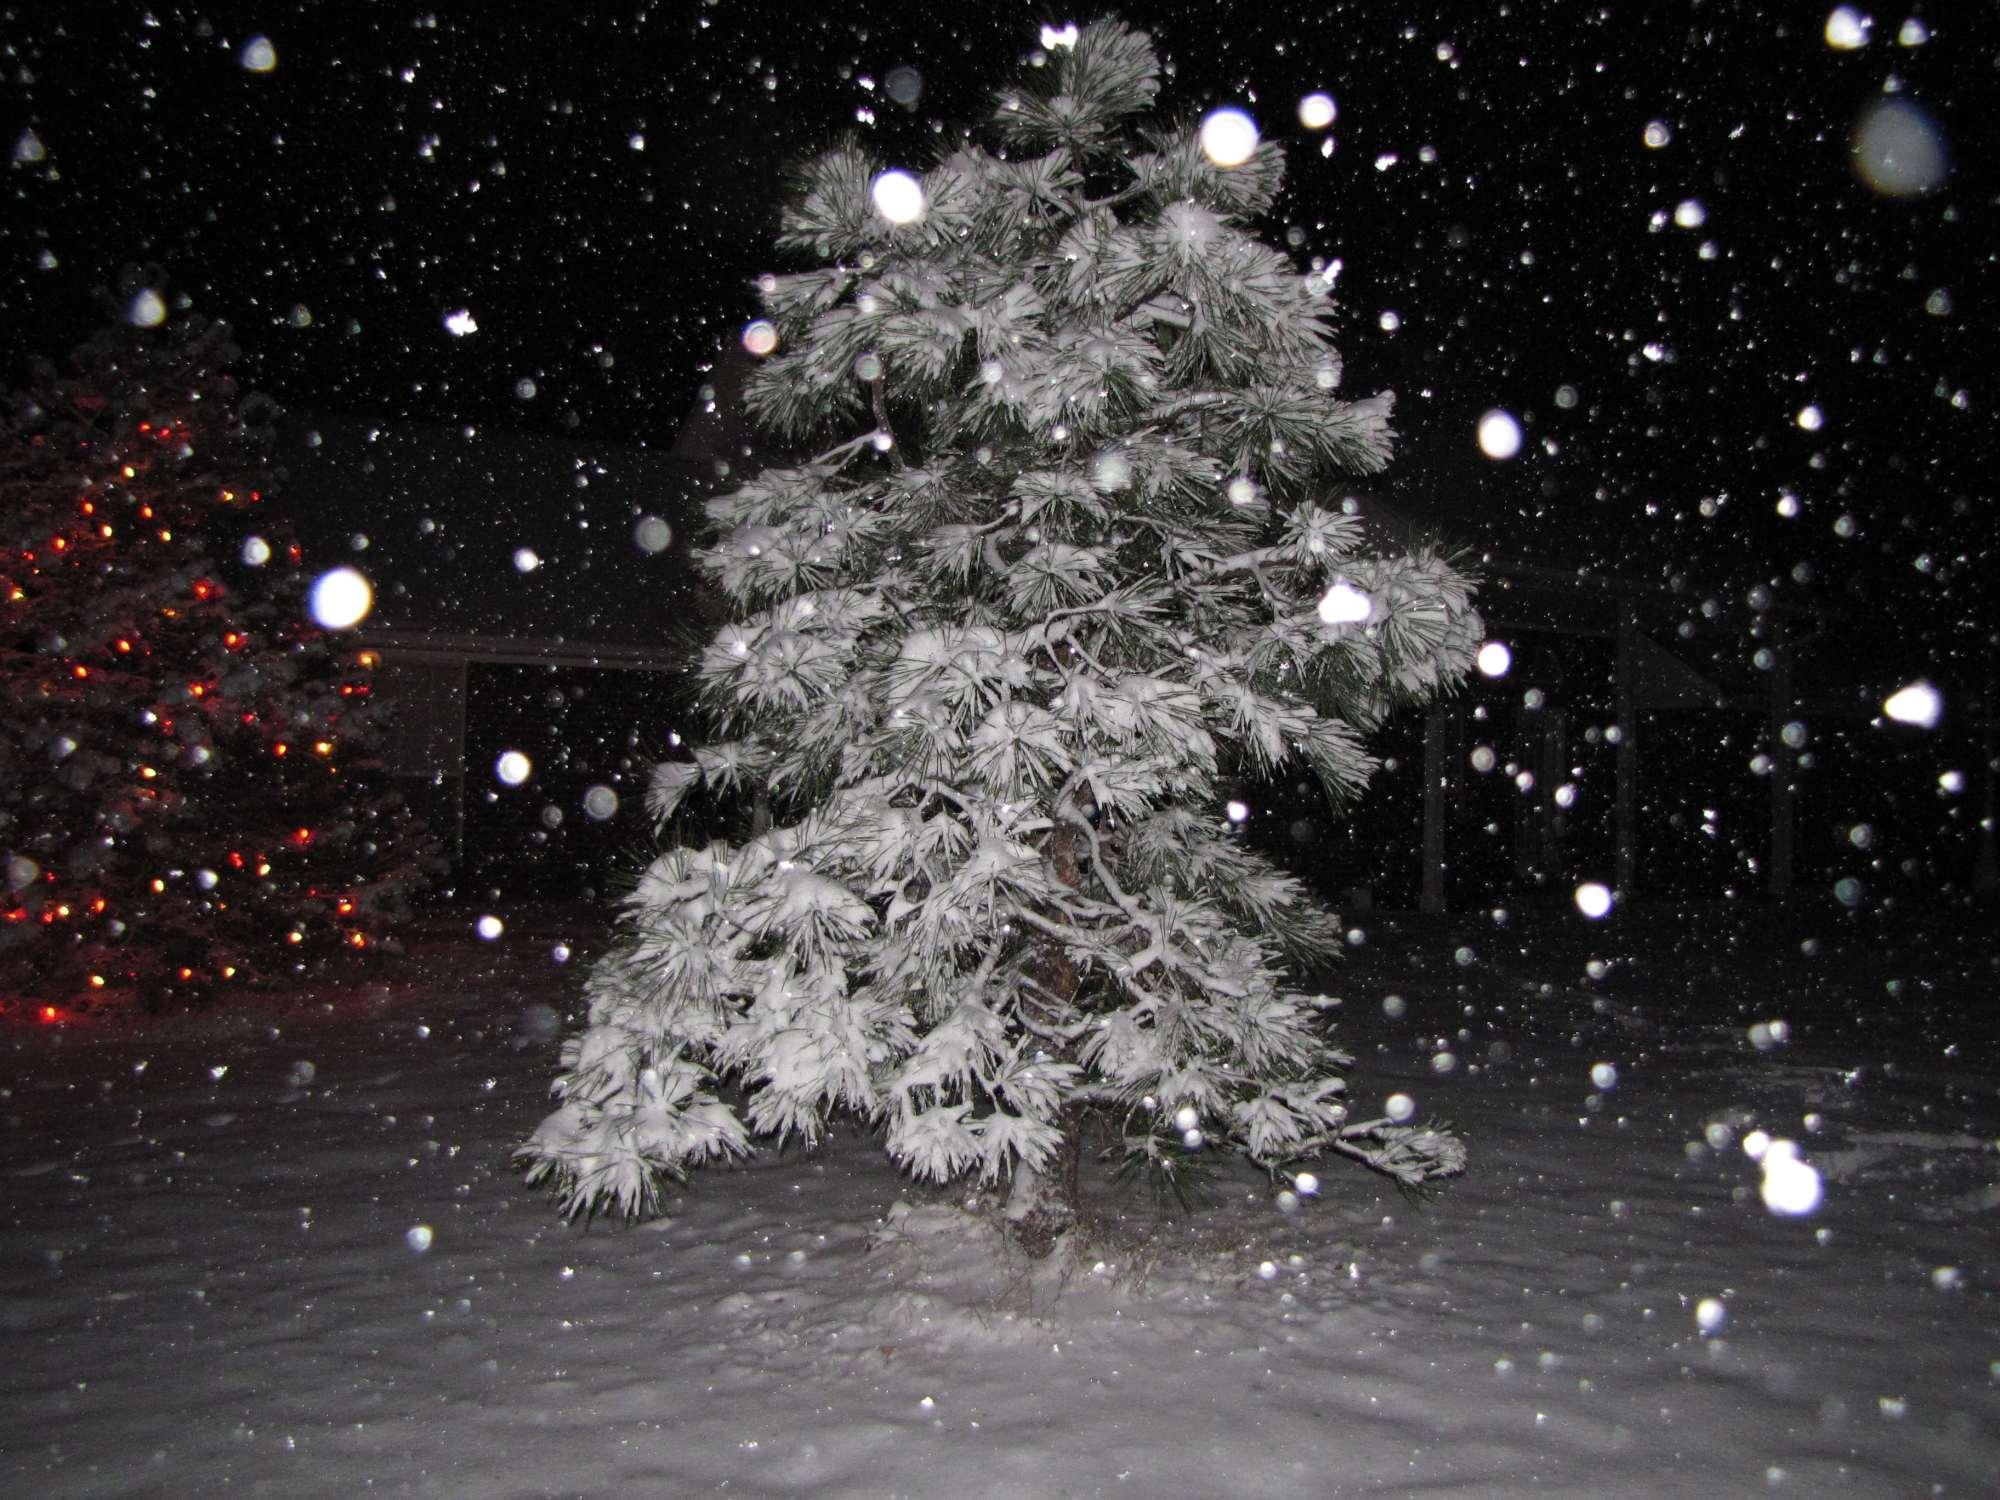 Pine Tree Christmas 2012